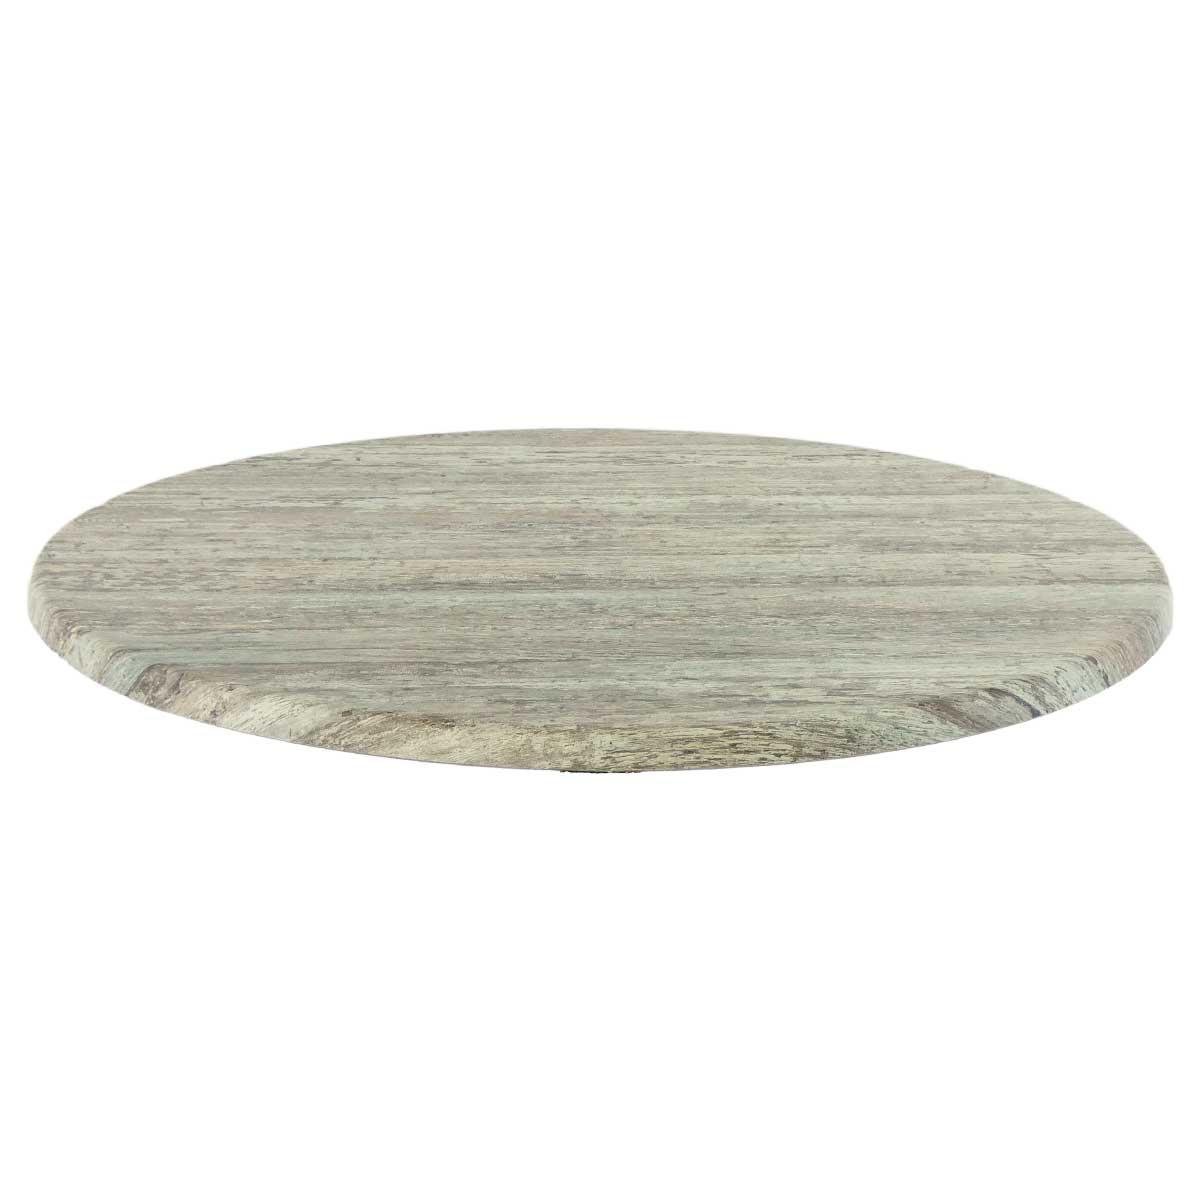 TICLA R70 214 - https://www.werzalit.com/fr/produit/plateau-de-table-classic-werzalit-r-oe90-214-montpellier/